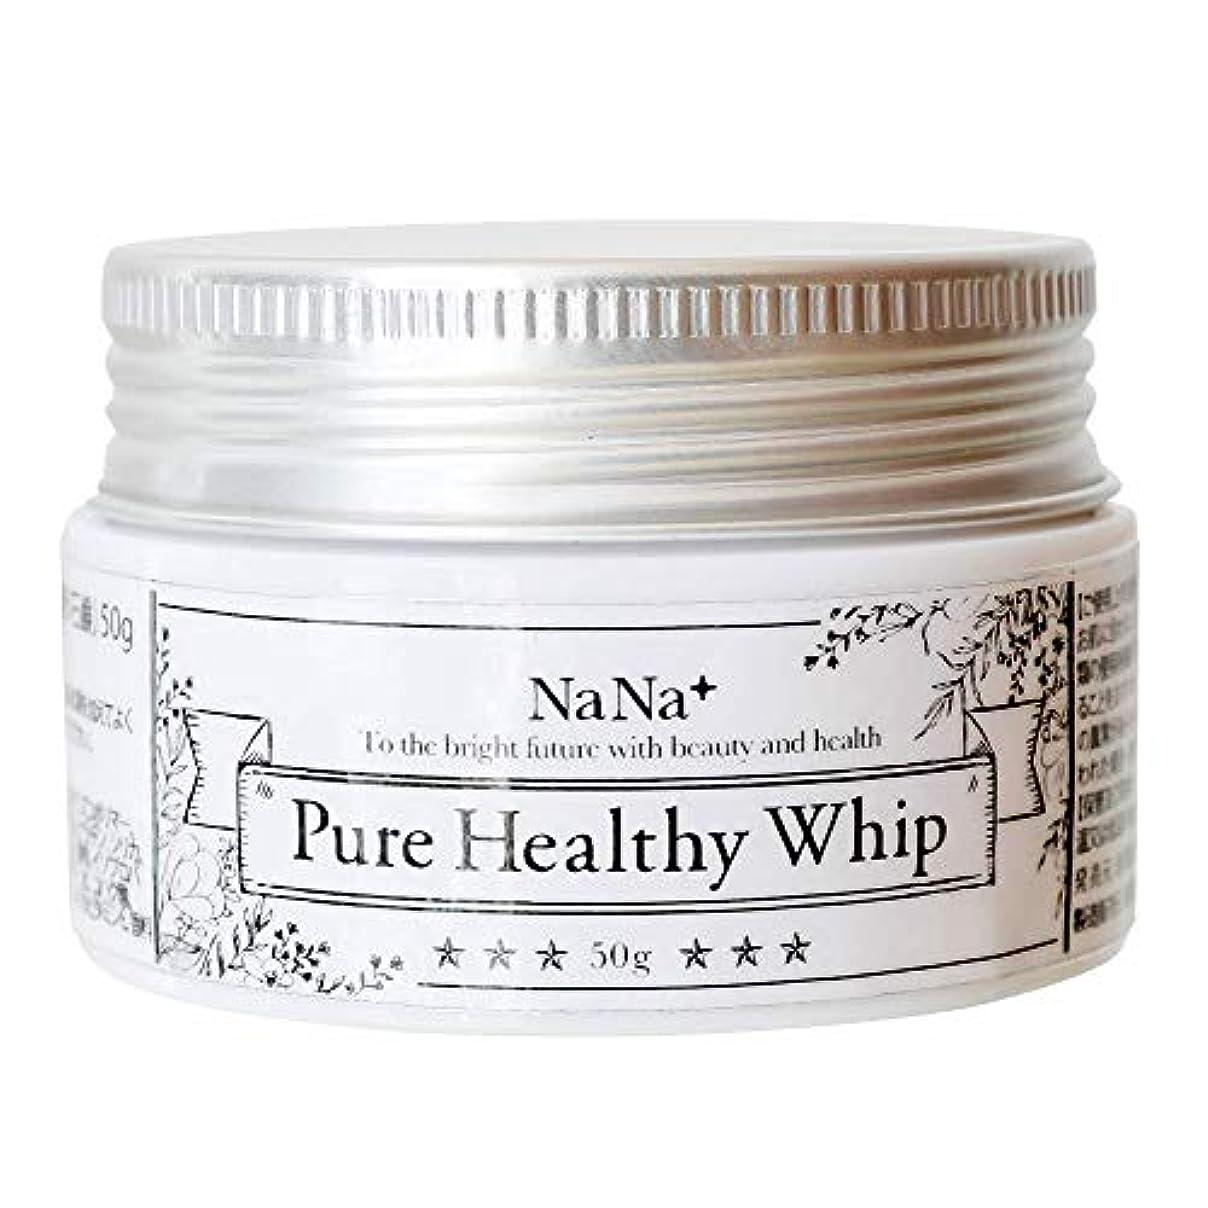 考慮磁器本物洗顔 生せっけん 敏感肌 乾燥肌 の 毛穴 くすみ 黒ずみ ケア 肌に優しい無添加  nana+ピュアヘルシーホイップ